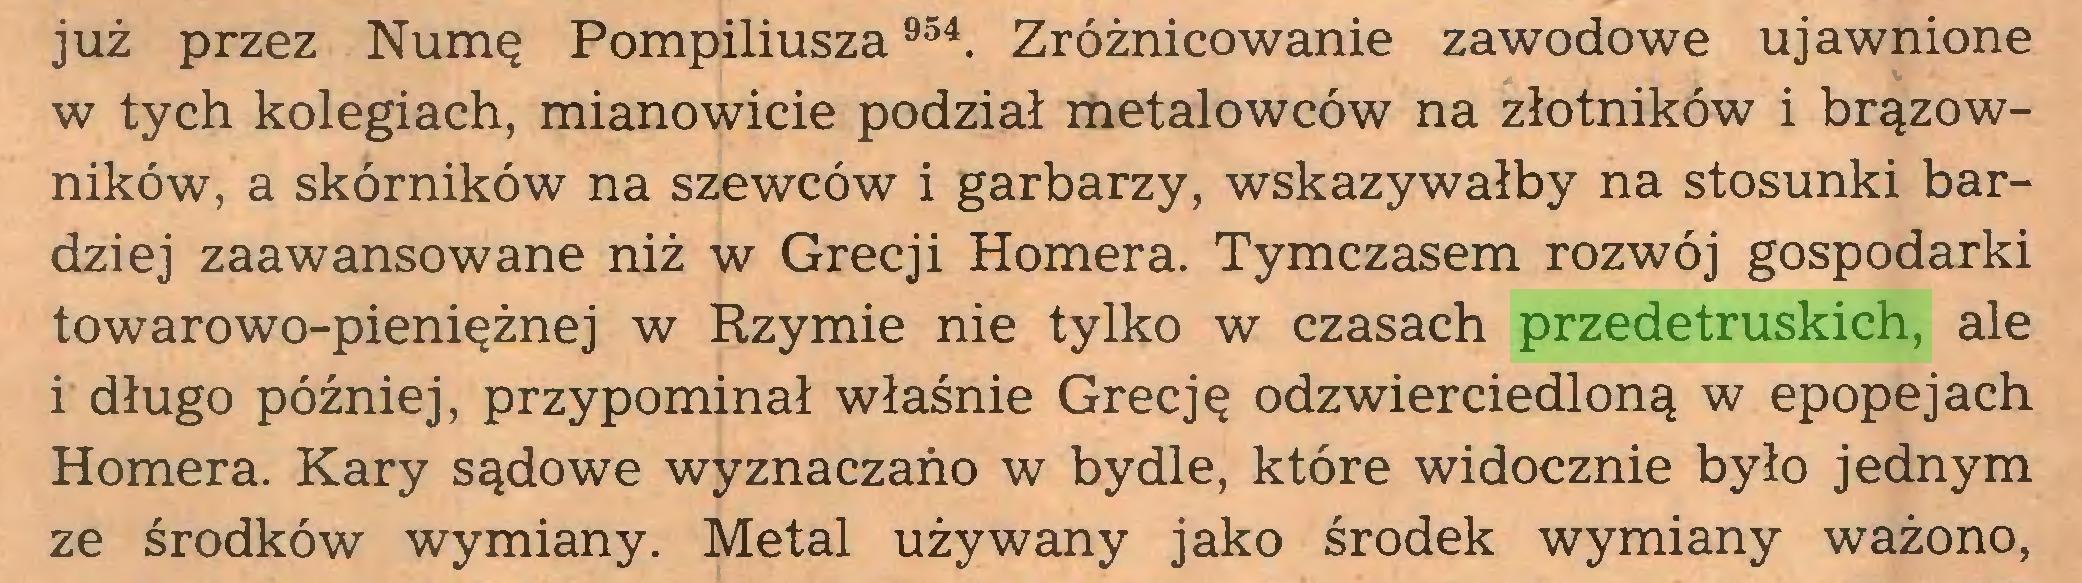 (...) już przez Numę Pompiliusza 954. Zróżnicowanie zawodowe ujawnione w tych kolegiach, mianowicie podział metalowców na złotników i brązowników, a skórników na szewców i garbarzy, wskazywałby na stosunki bardziej zaawansowane niż w Grecji Homera. Tymczasem rozwój gospodarki towarowo-pieniężnej w Rzymie nie tylko w czasach przedetruskich, ale i długo później, przypominał właśnie Grecję odzwierciedloną w epopejach Homera. Kary sądowe wyznaczano w bydle, które widocznie było jednym ze środków wymiany. Metal używany jako środek wymiany ważono,...